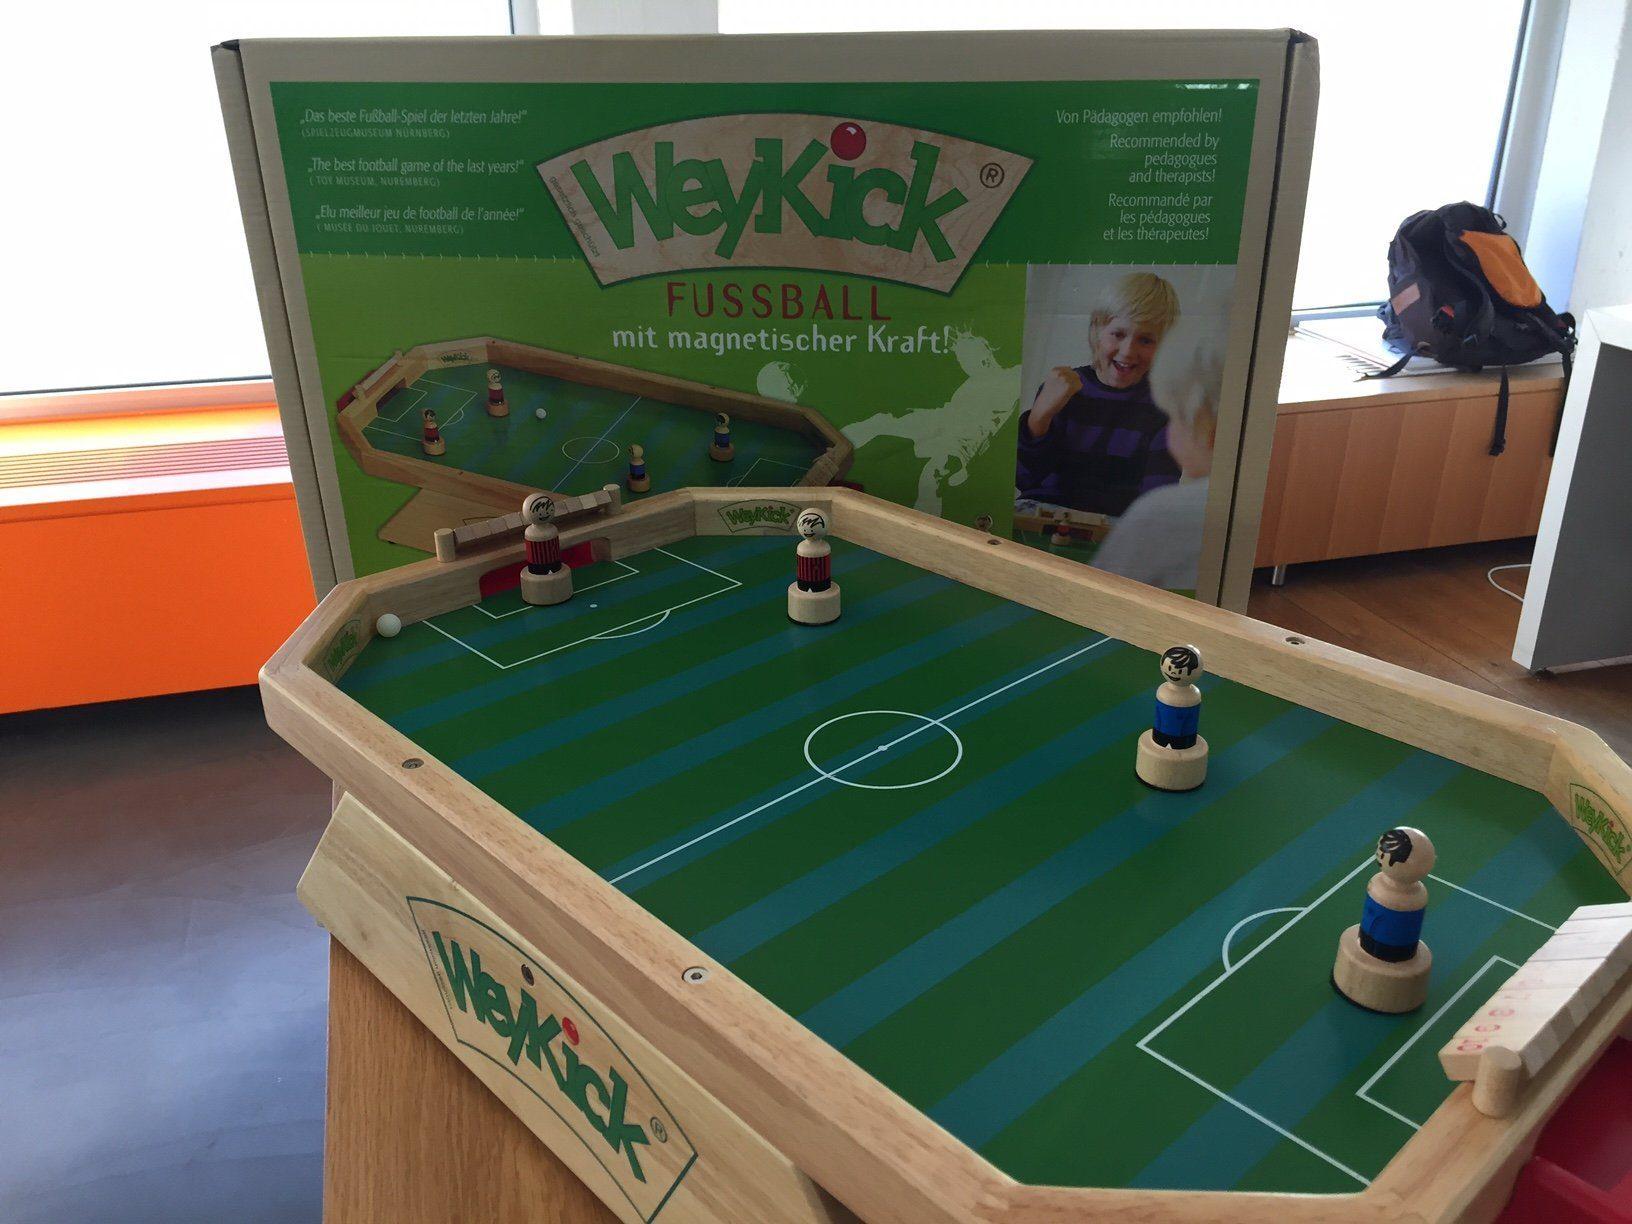 weykick tischfussball Header